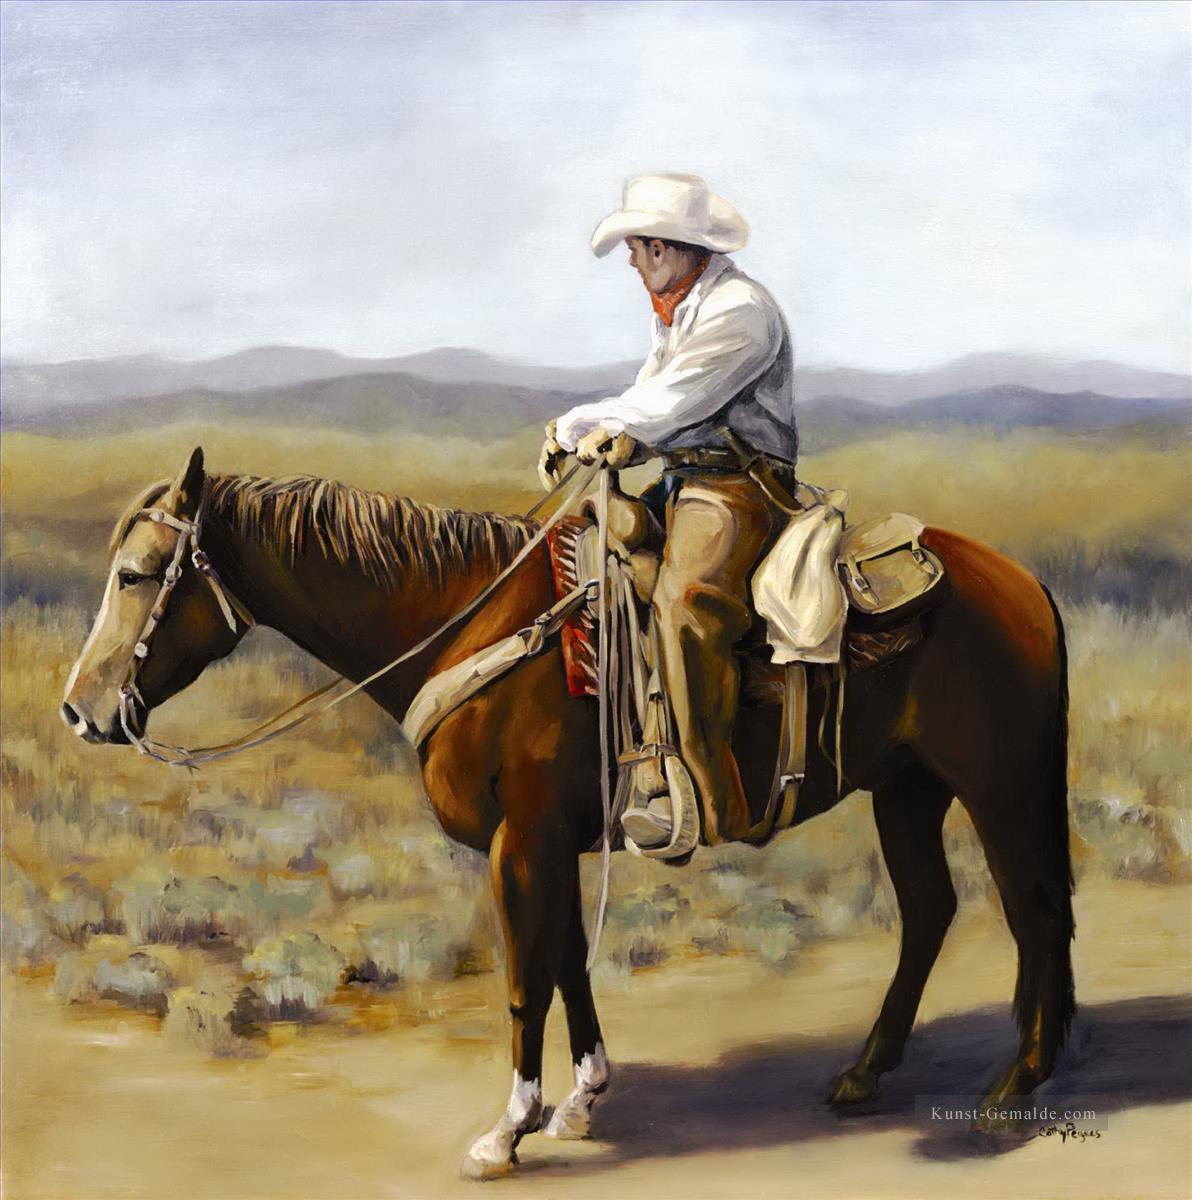 lonesome cowboy gem228lde mit 246l zu verkaufen